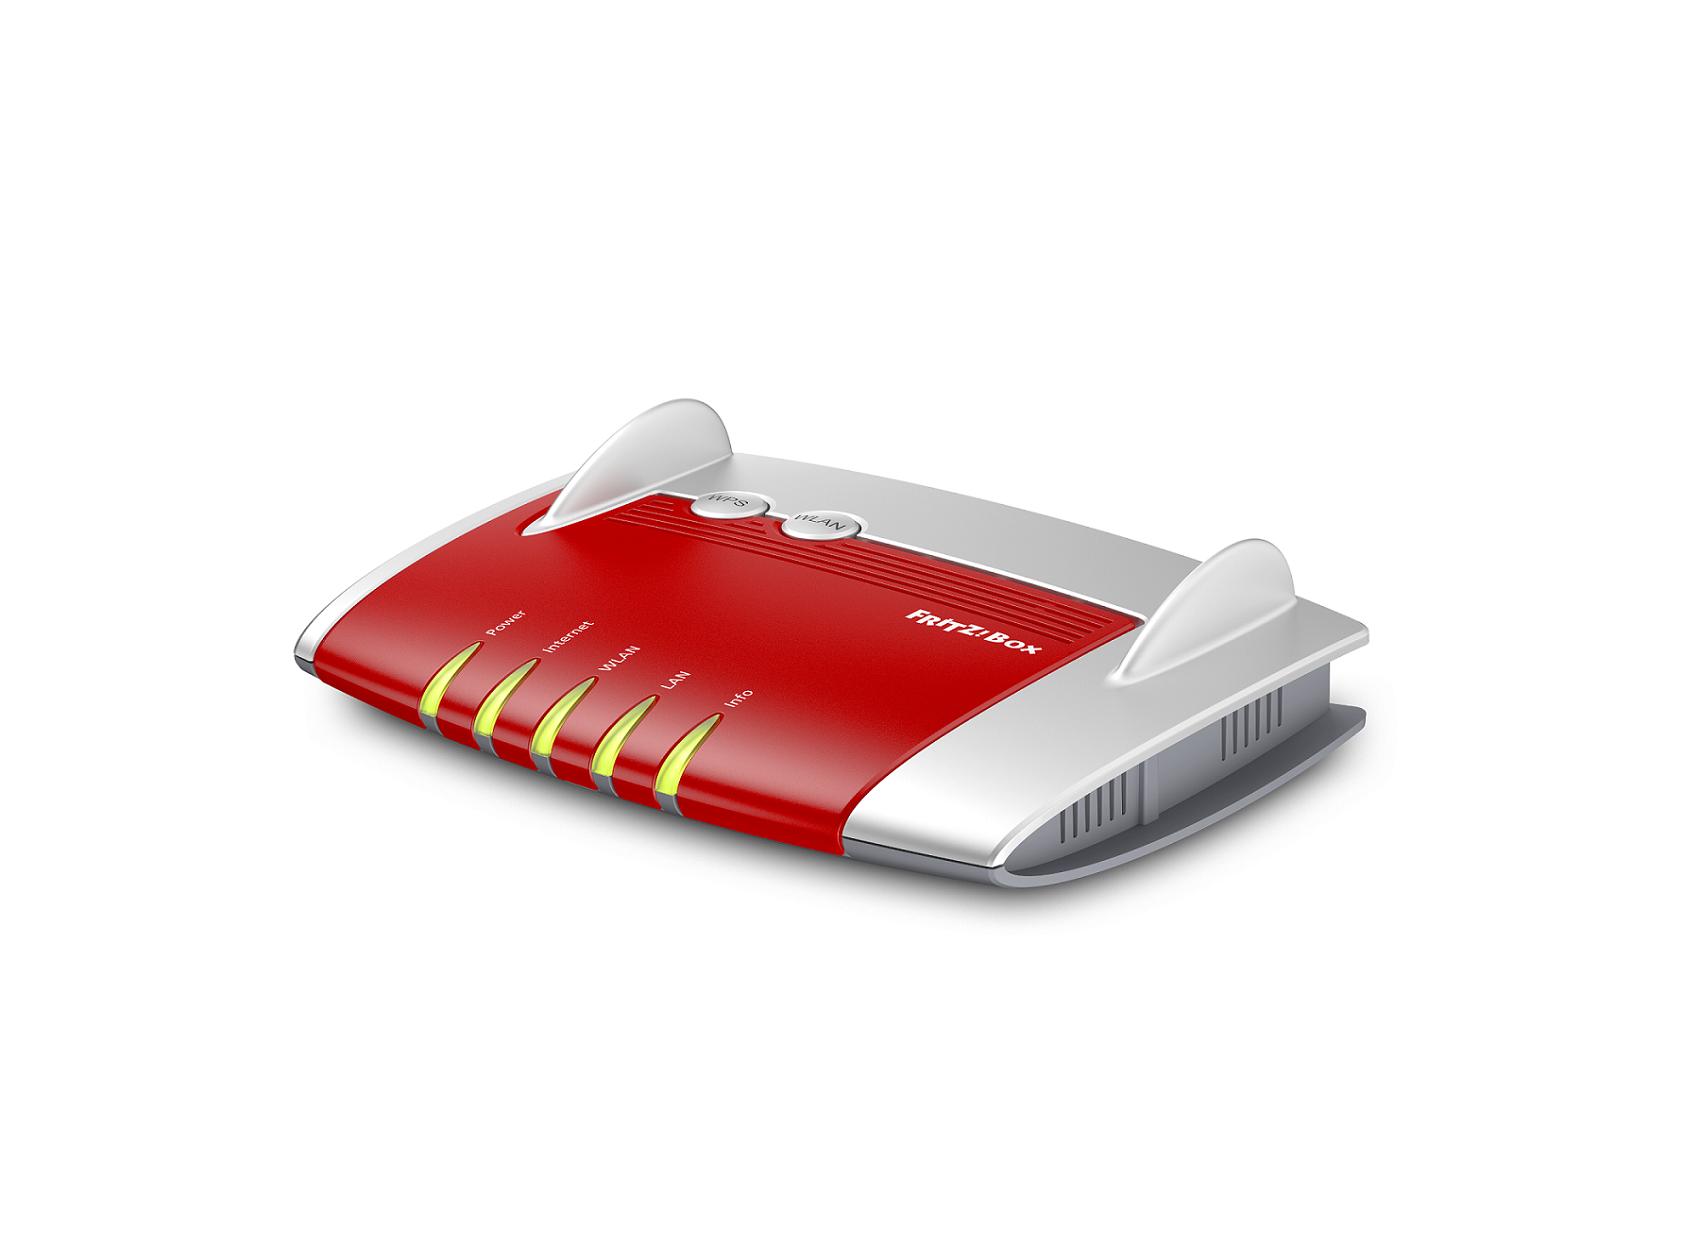 Całkiem nowy router FRITZ!Box 4020